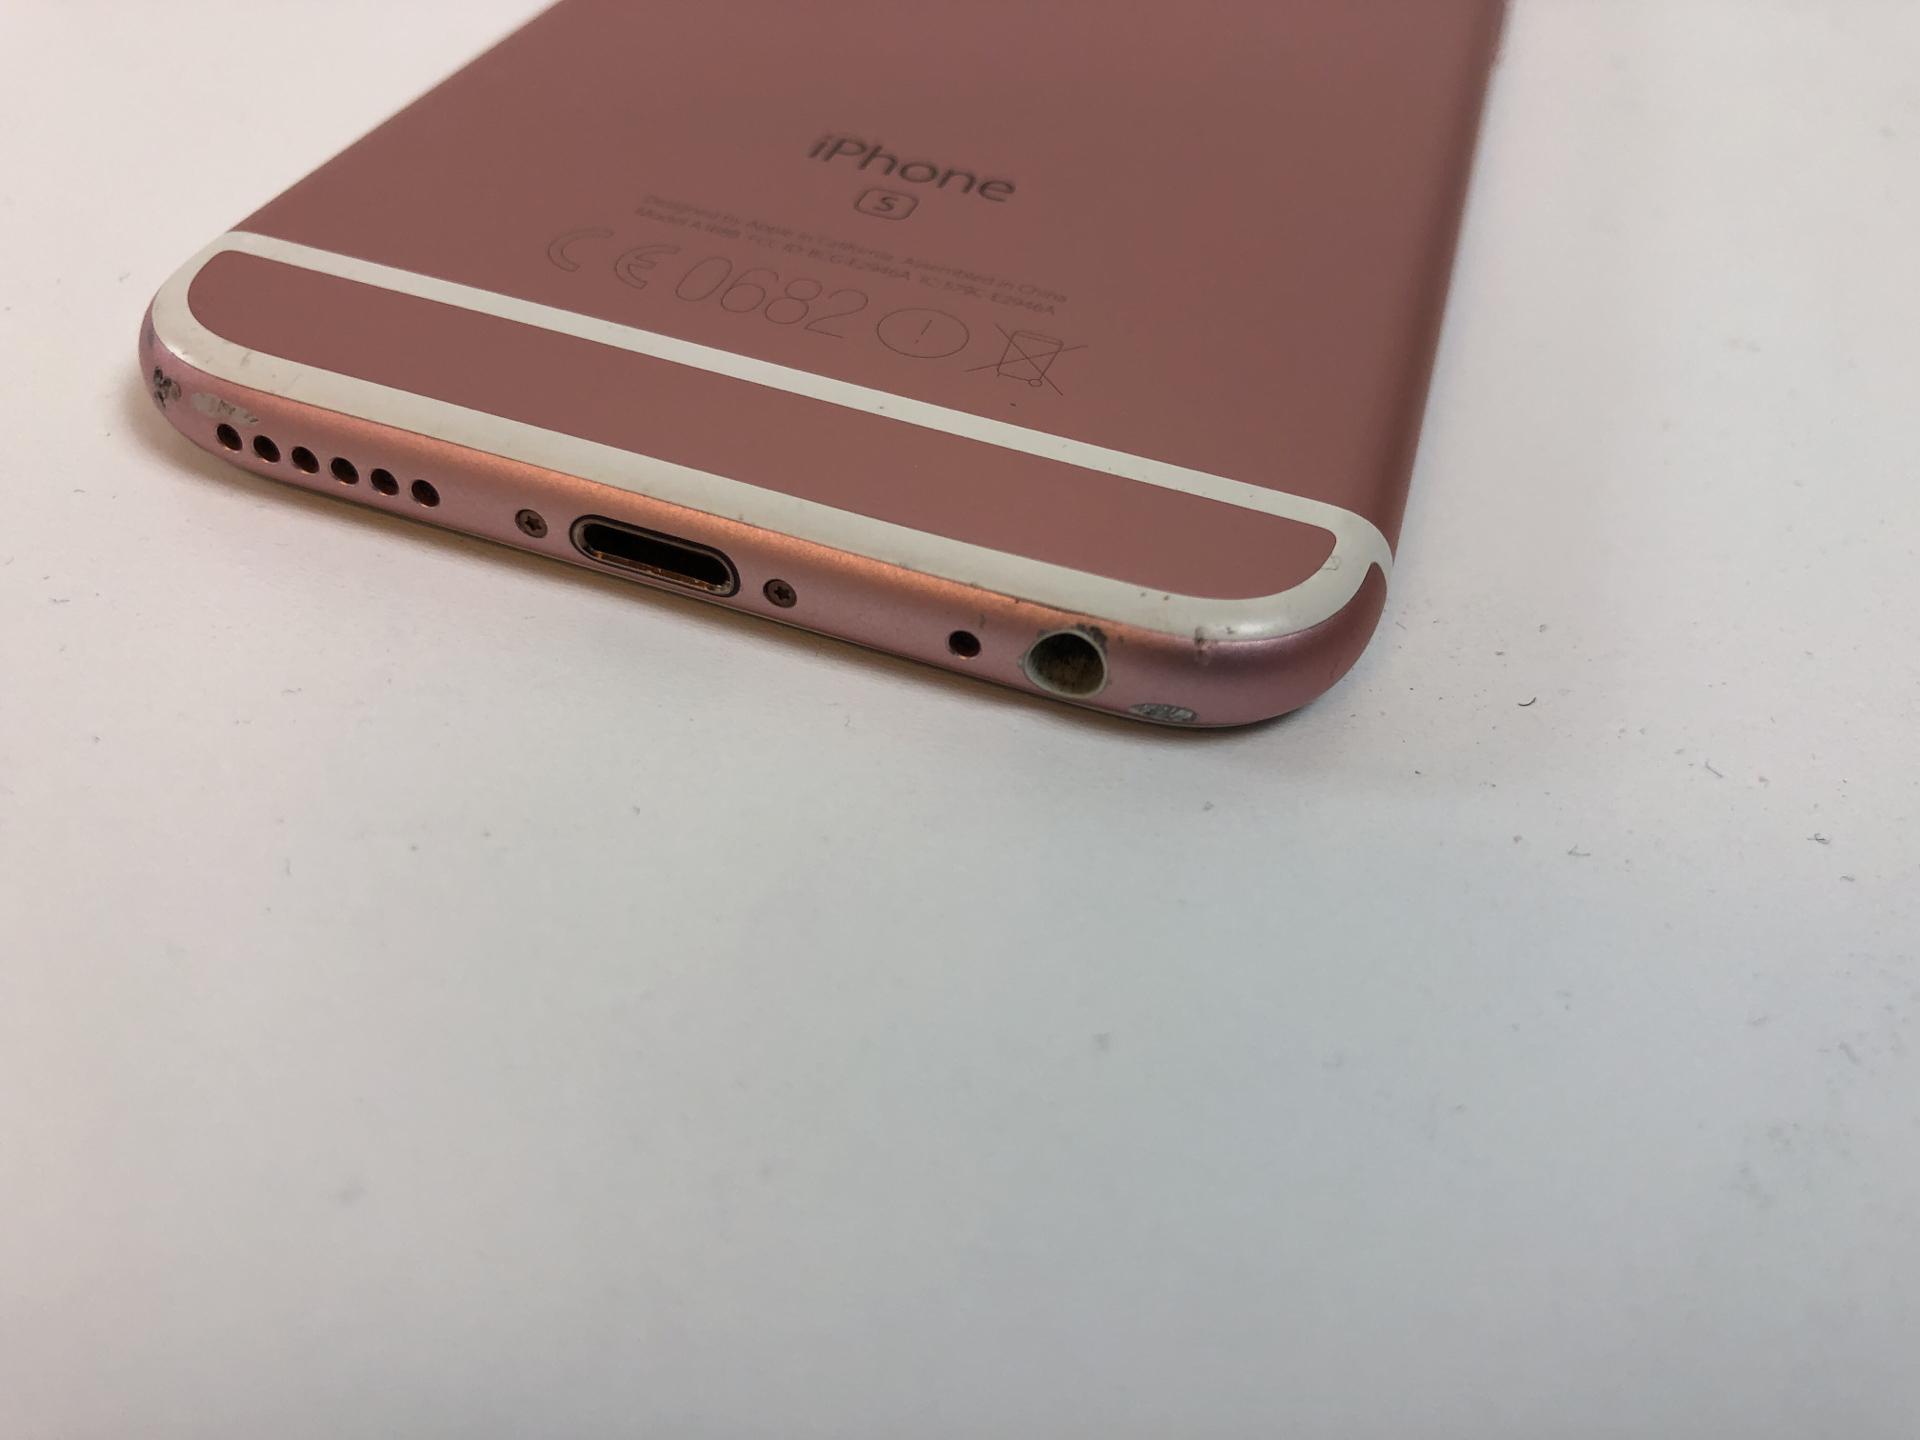 iPhone 6S 16GB, 32GB, Rose Gold, bild 8